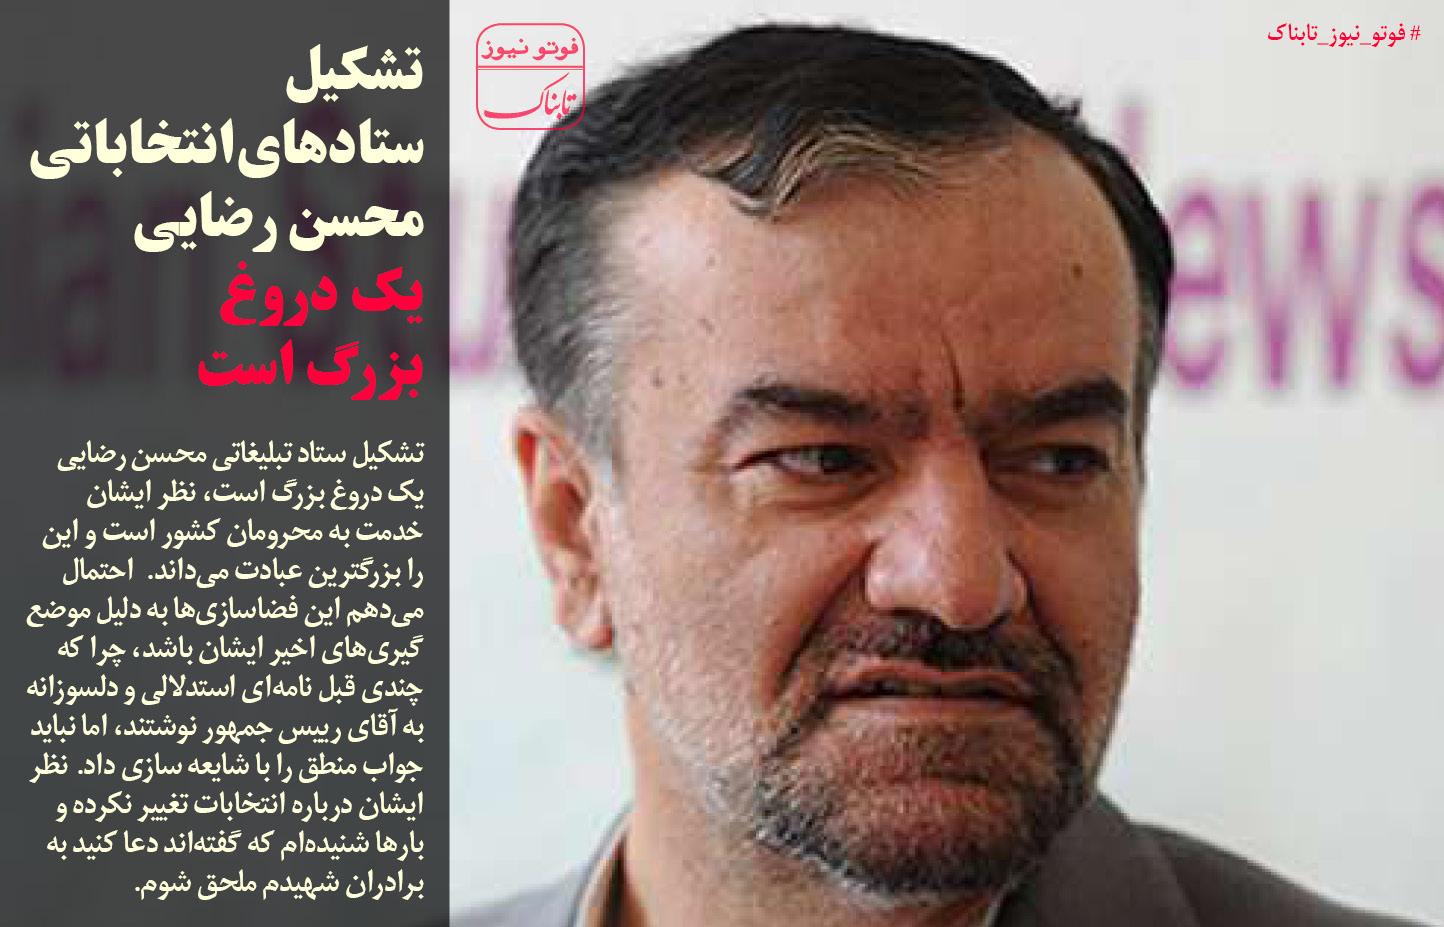 از حمله «کوهکن به کاندیدای جبهه پایداری» تا »توصیف های دقیق رهبر انقلاب از حاج سید احمد آقا»